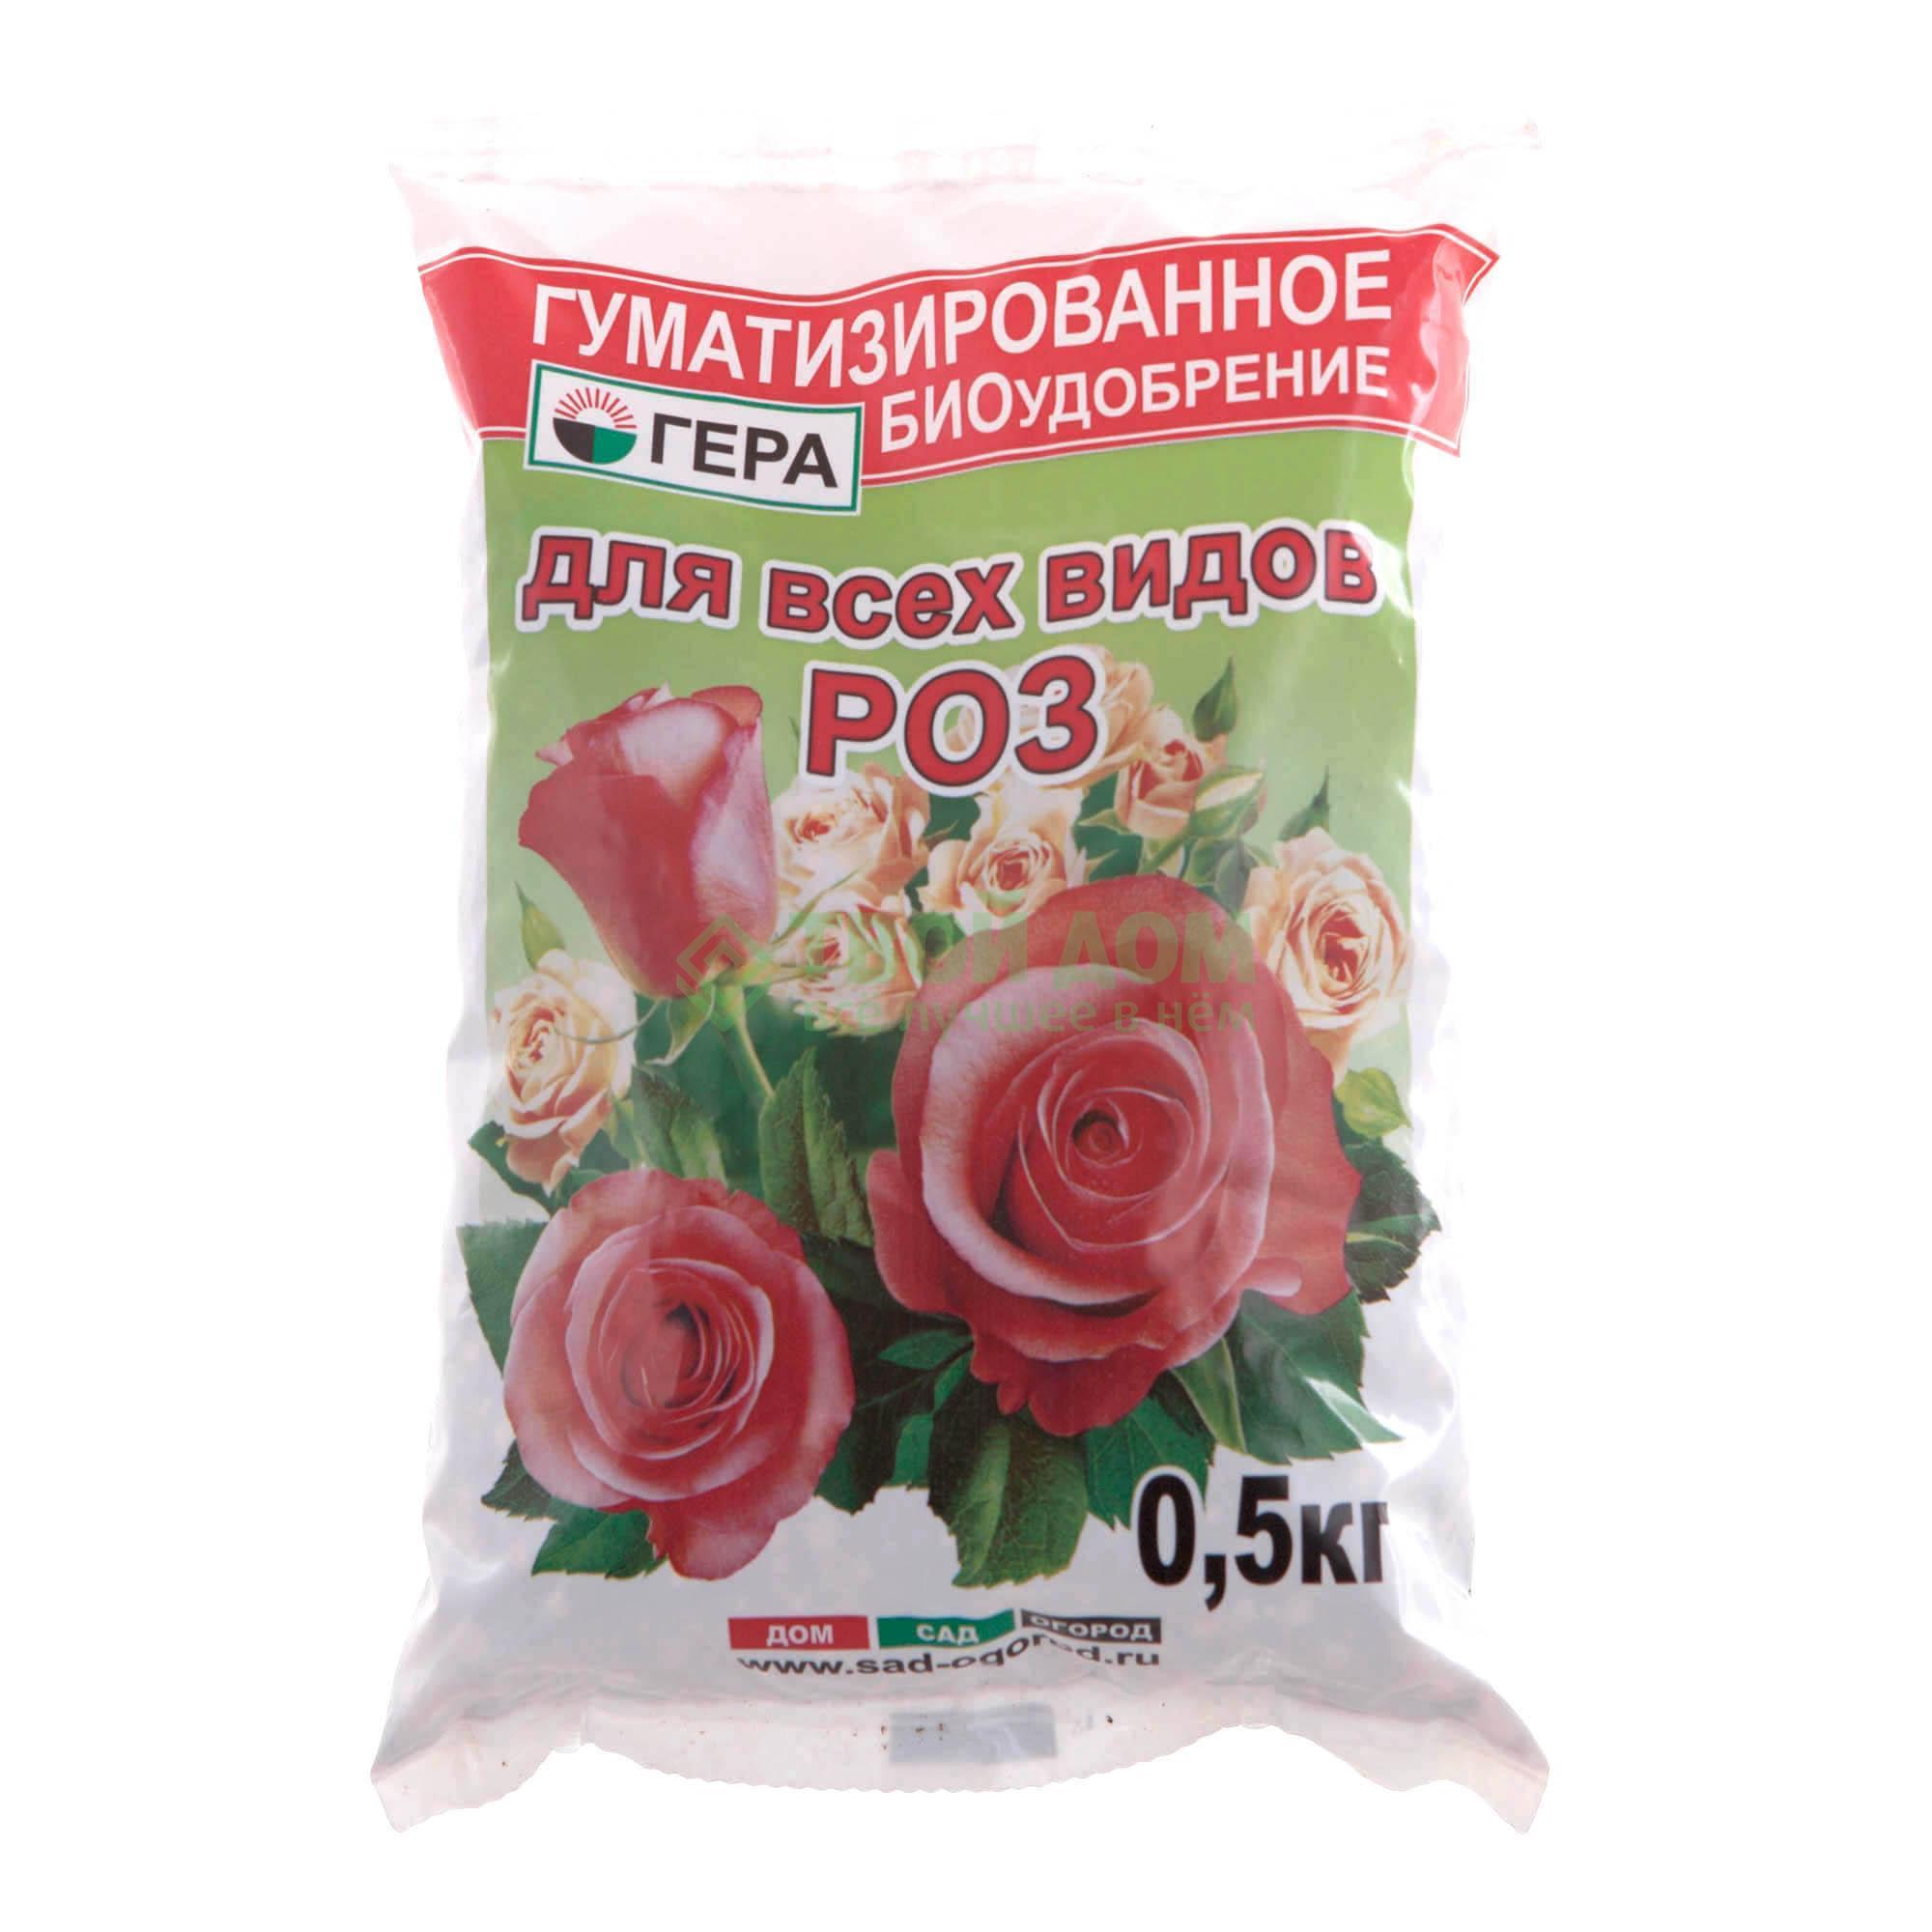 Удобрение Урожай роз Гера 0,5 кг фото